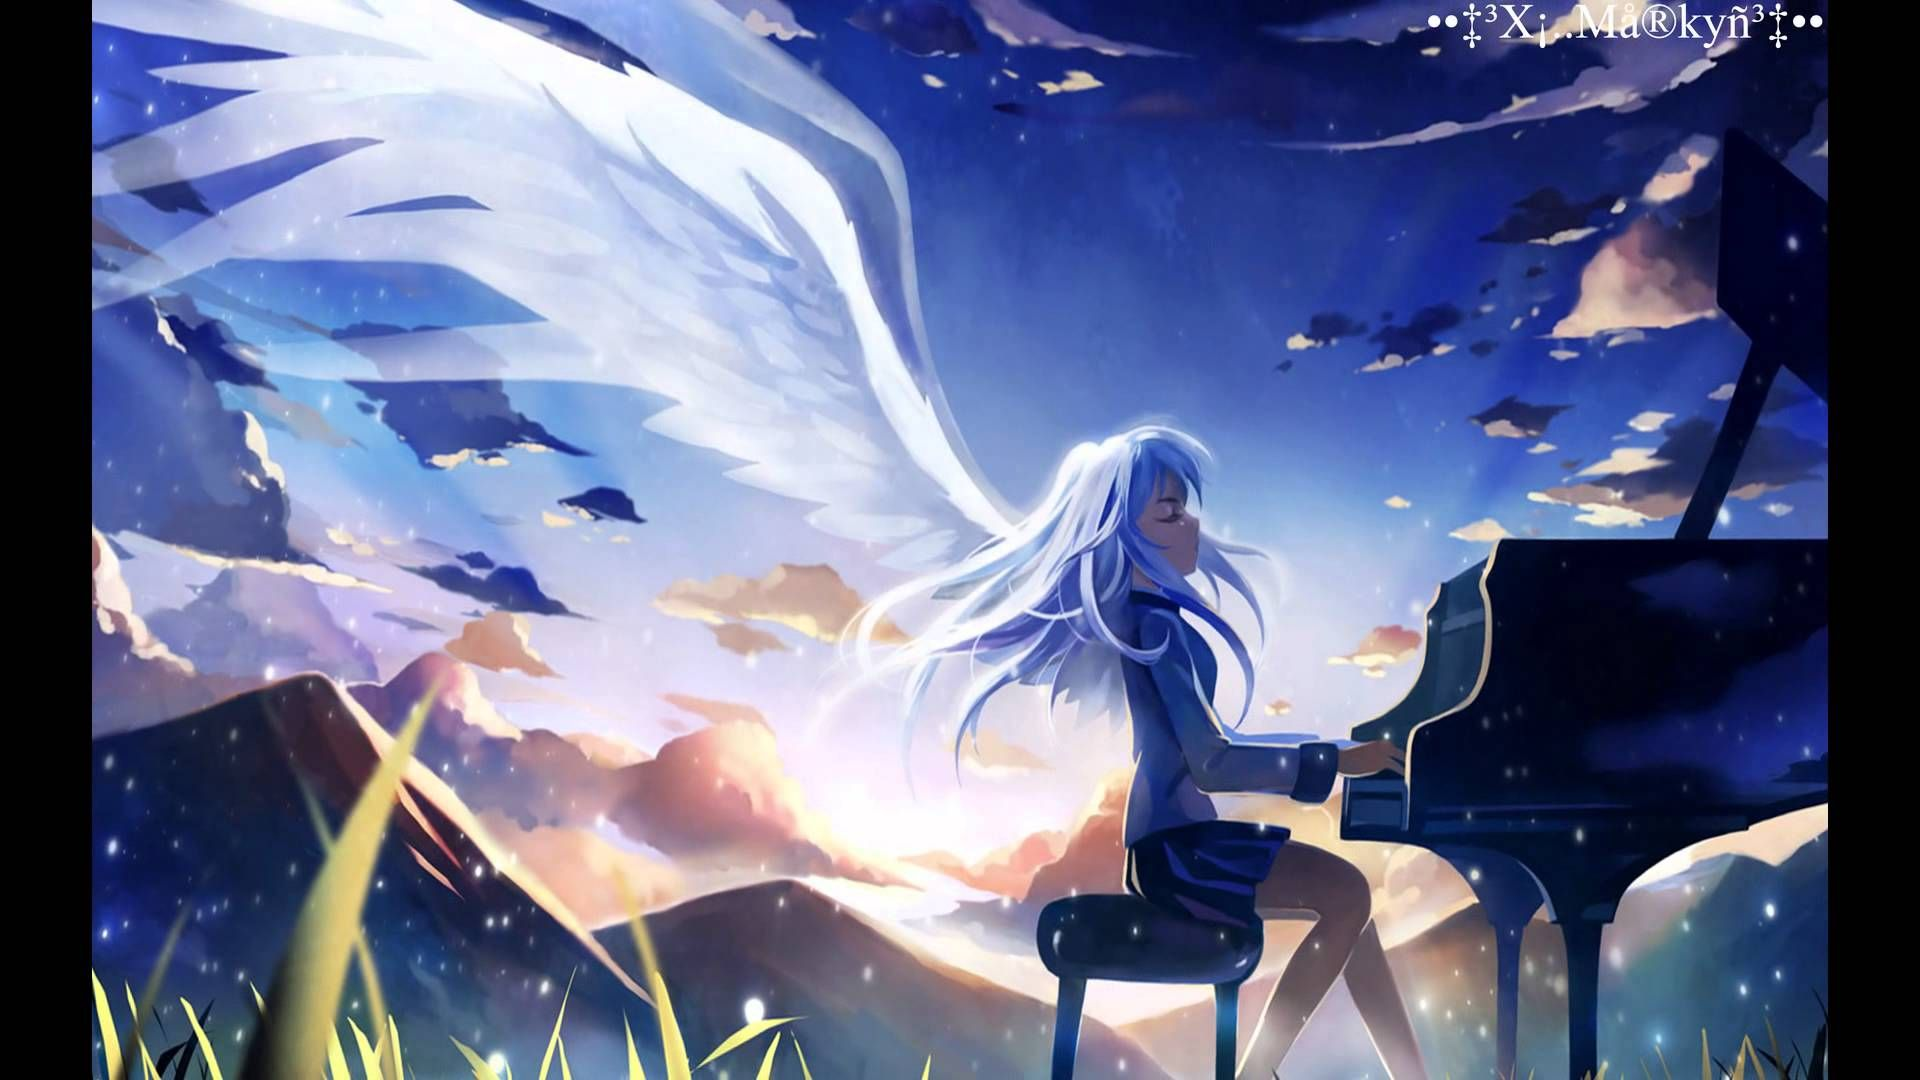 Pin By Brenda Mouldin On Music Angel Beats Anime Angel Beats Wallpaper Anime Angel Angel beats anime wallpaper